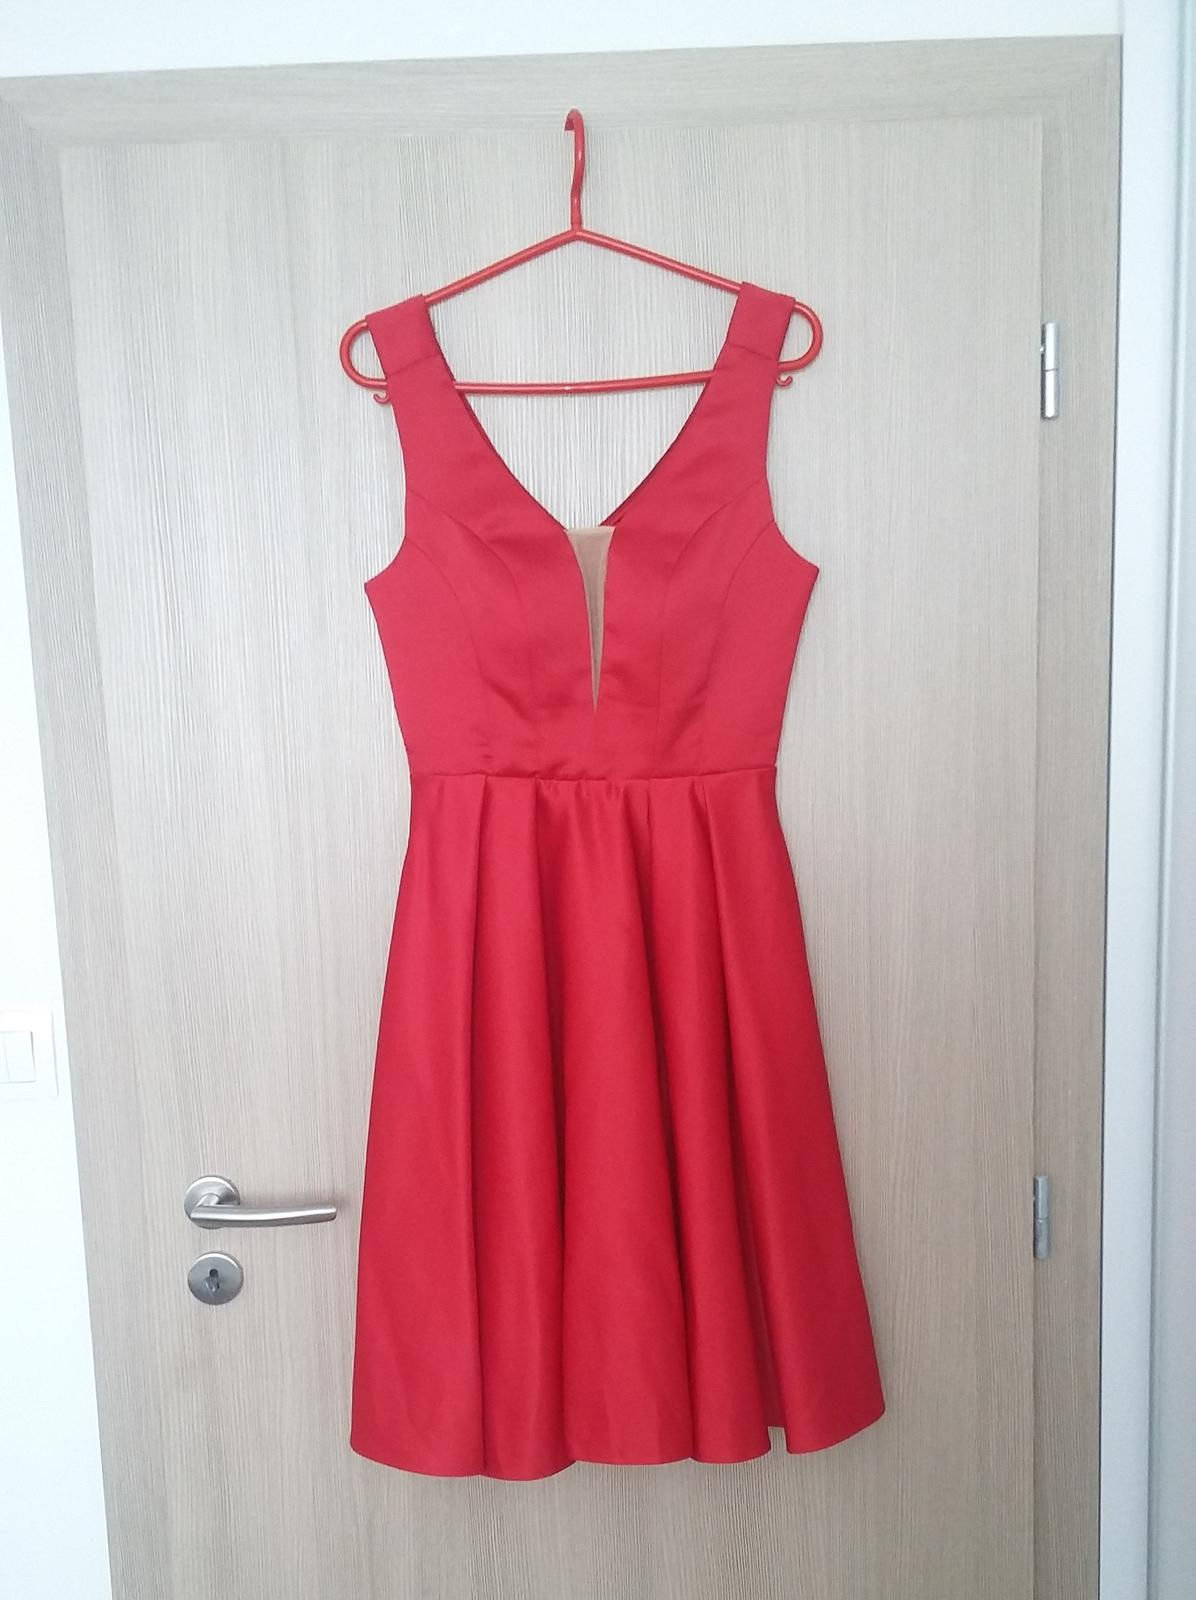 Červené šaty, redový - Obrázok č. 1